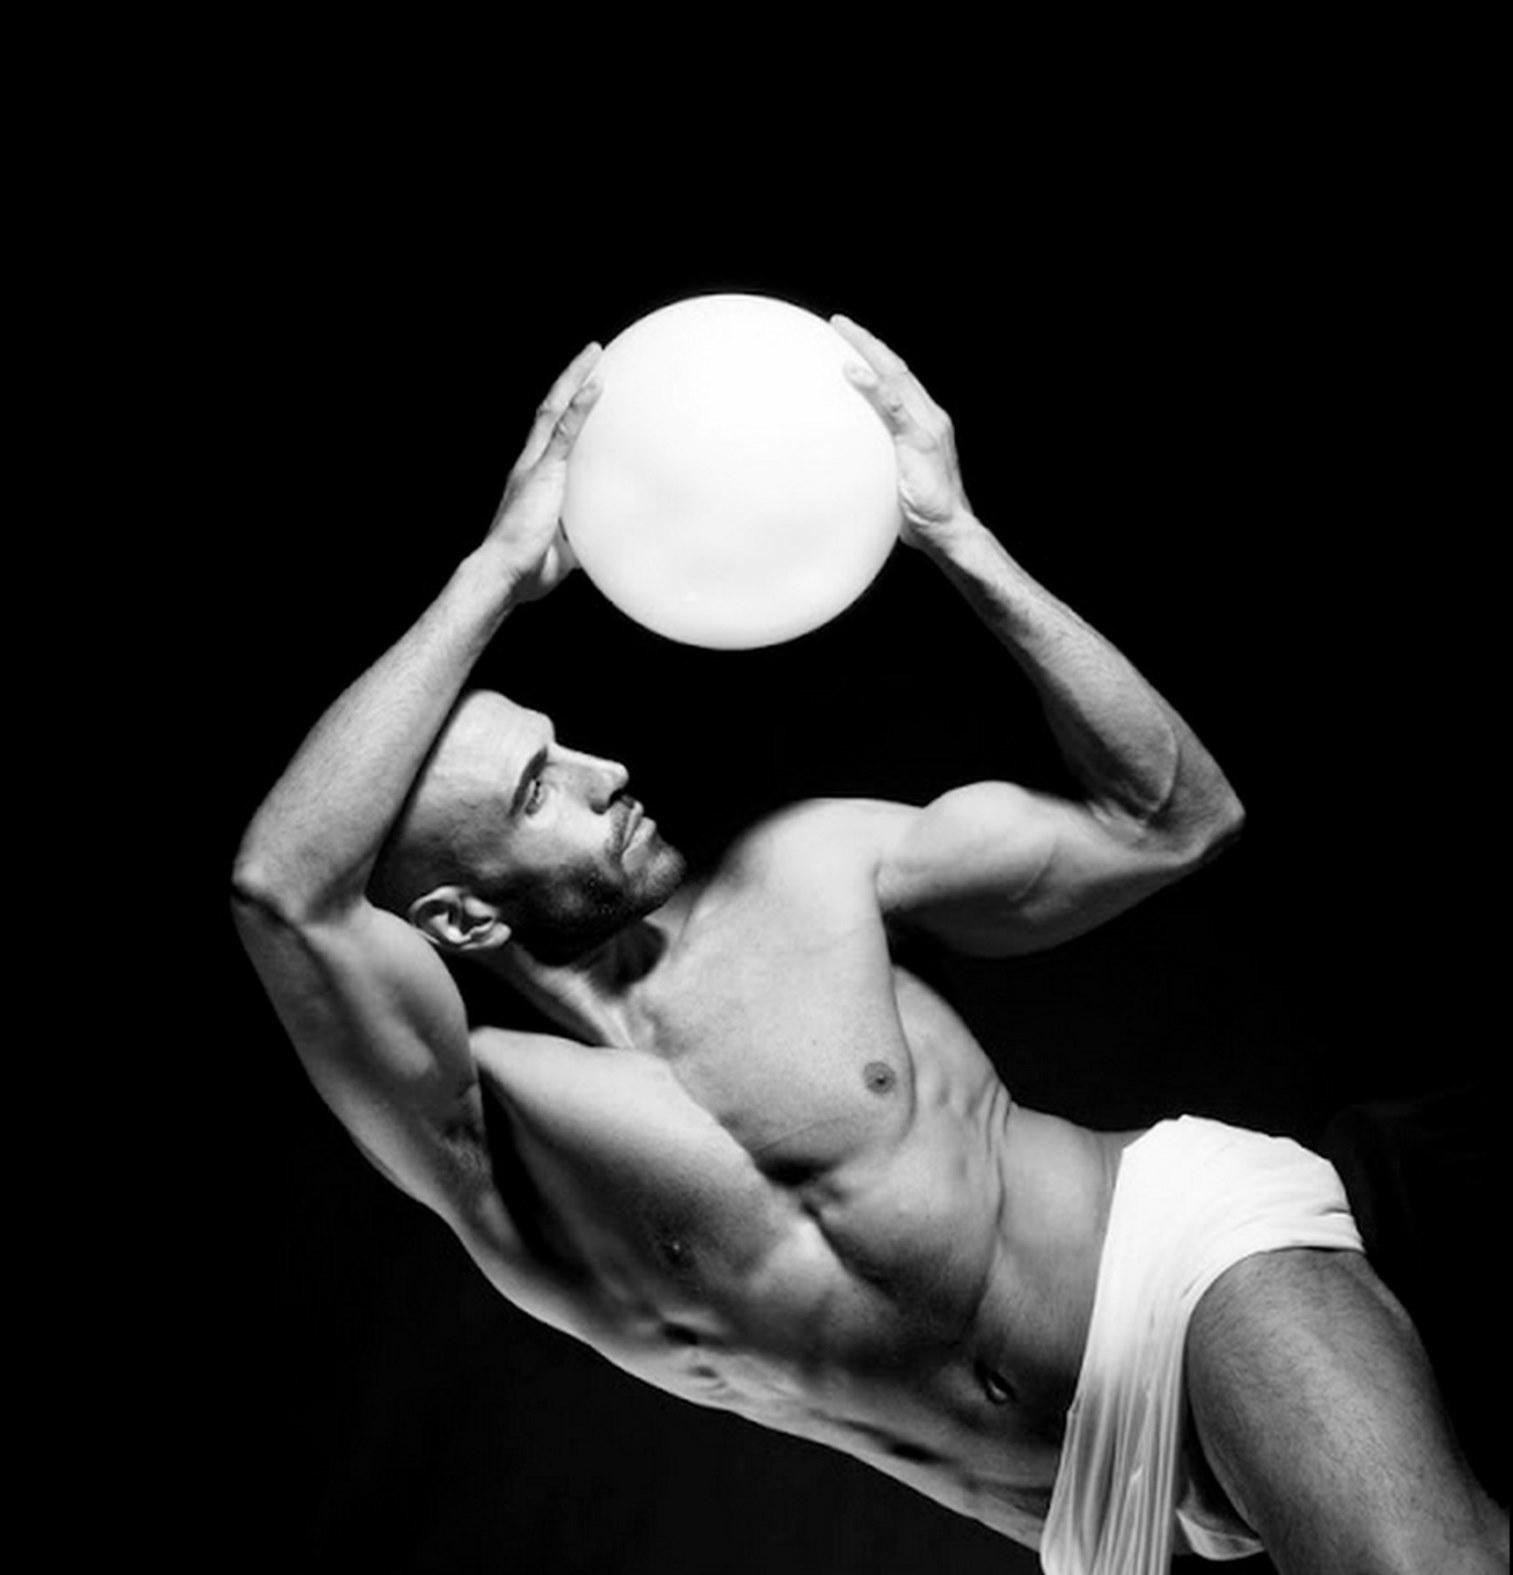 fotografia artistica blanco negro: